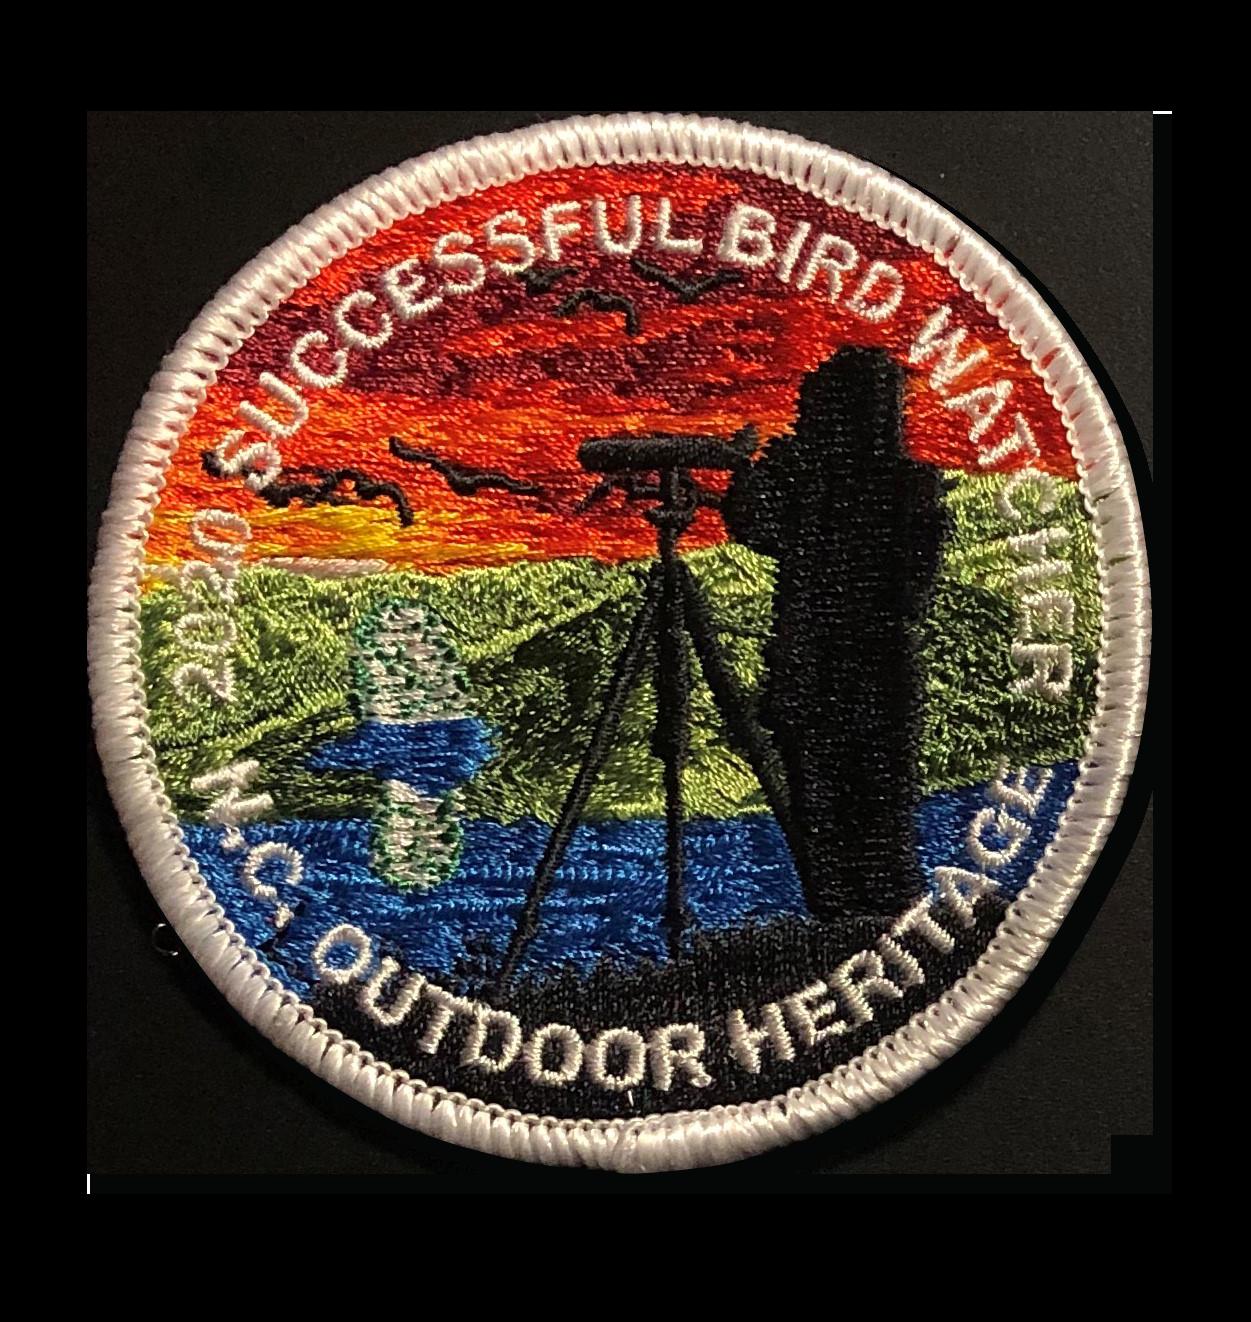 Successful Birdwatcher Patch from A-B Emblem